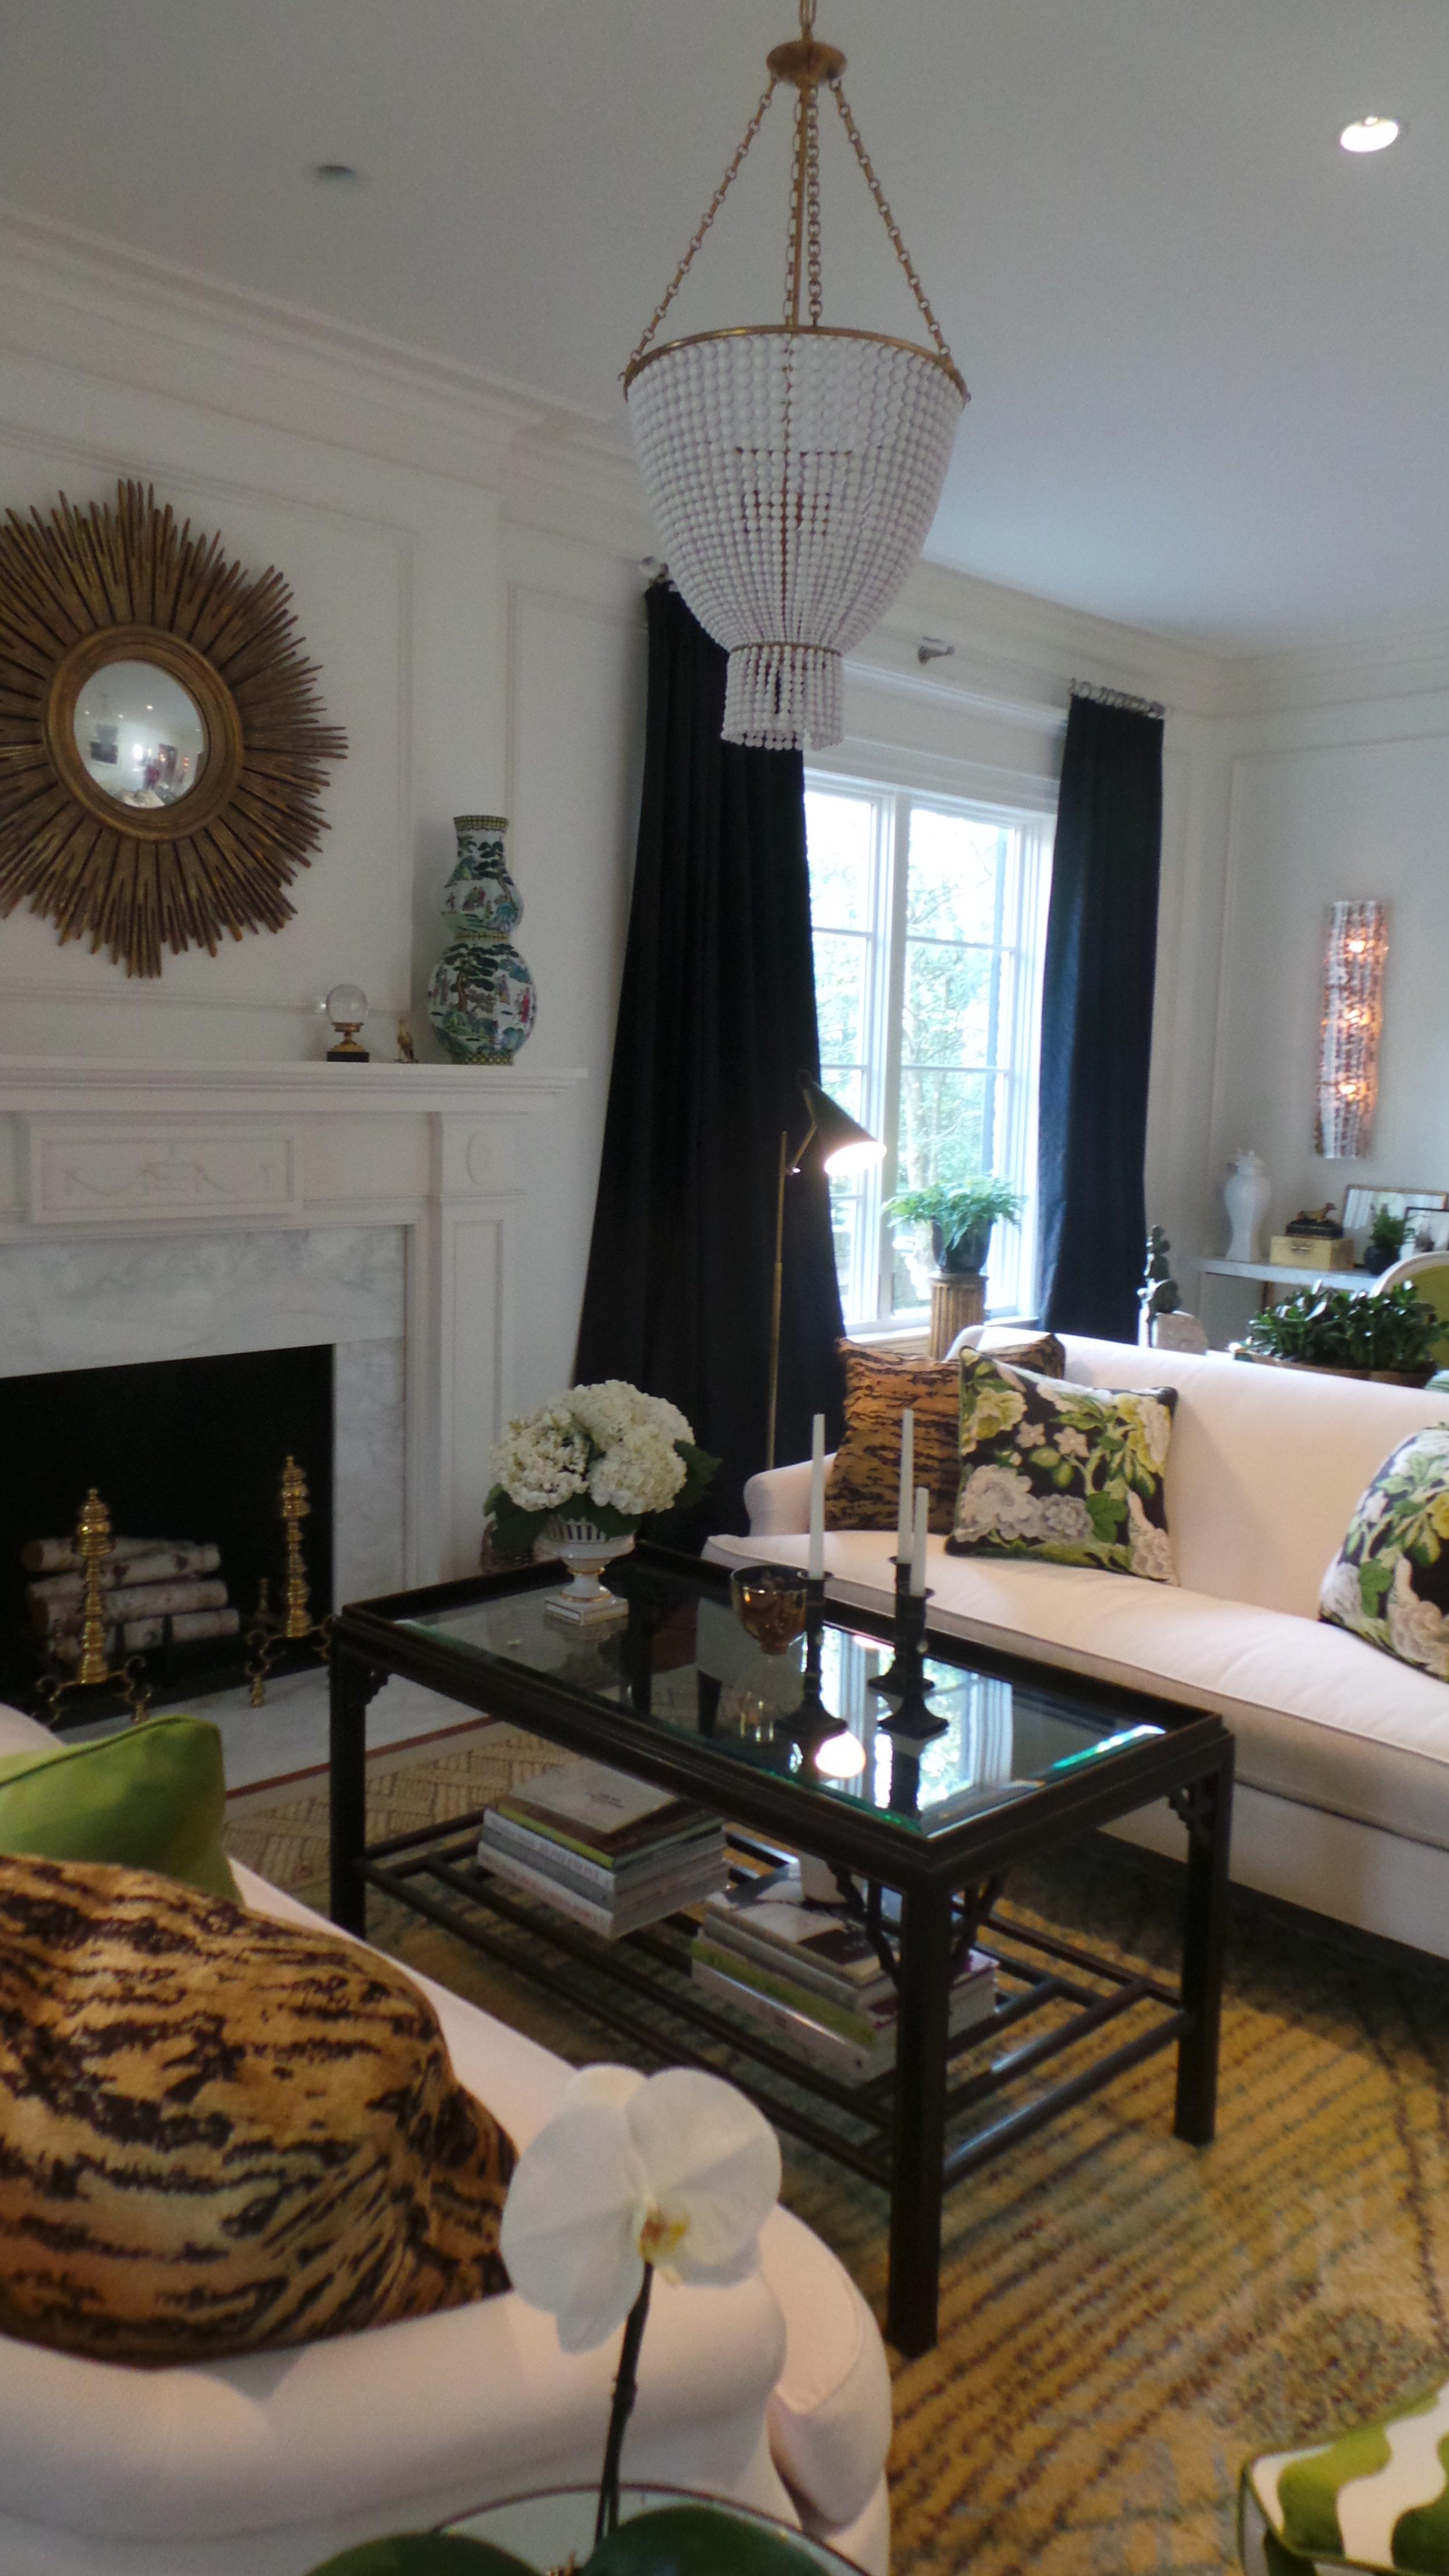 Family Room by Pamela Harvey Interiors; photo by Holly O'Brian